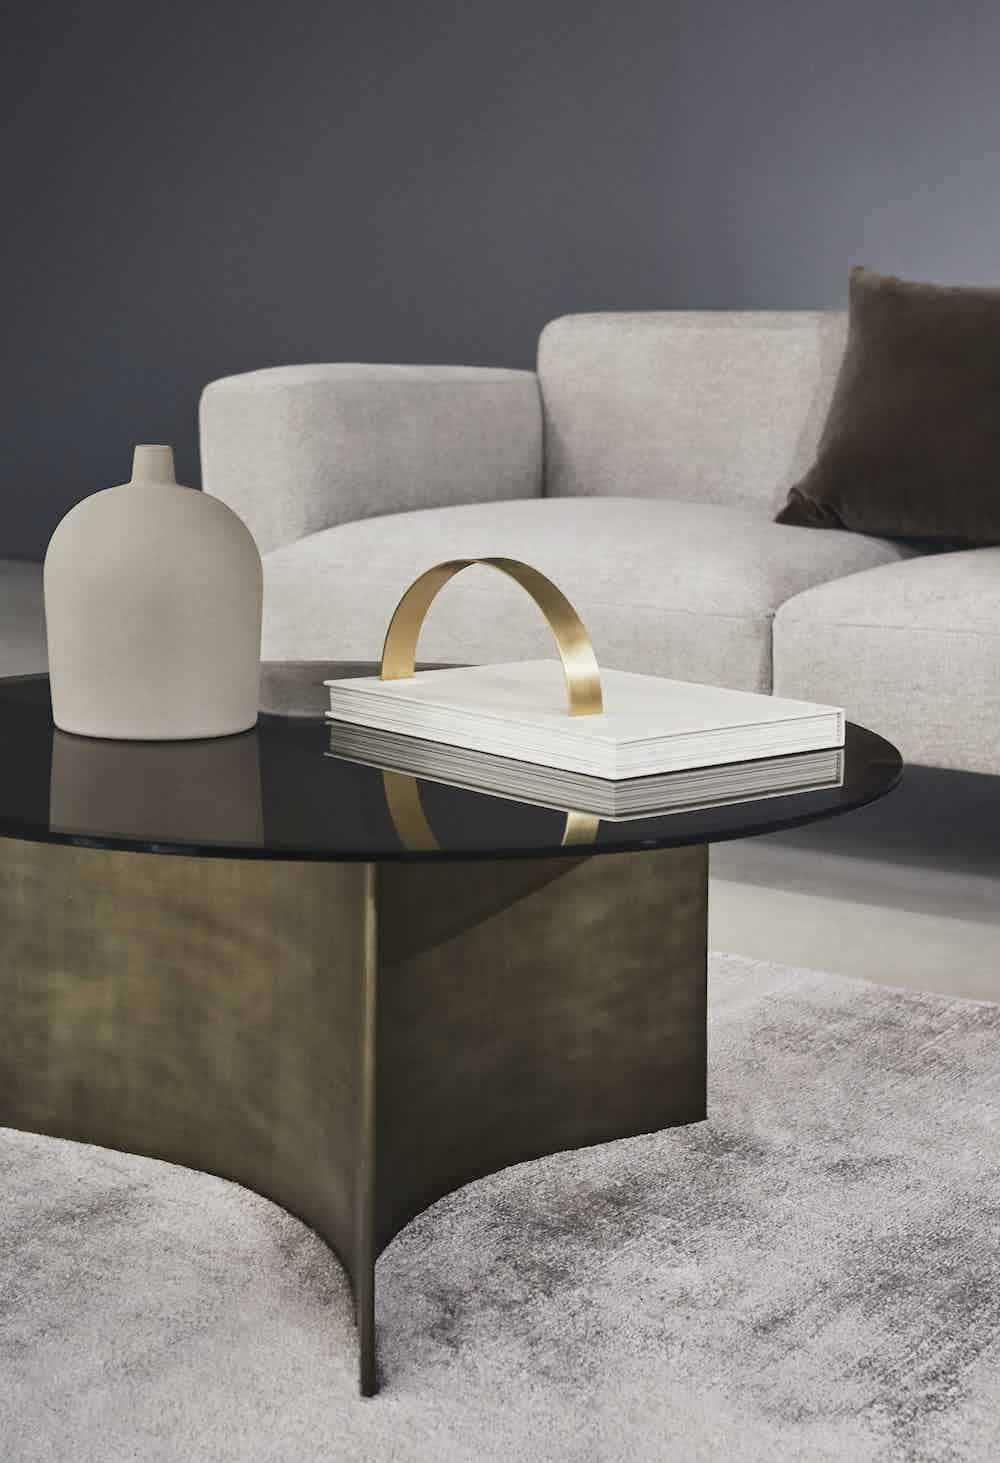 Wendelbo-arc-table-base-detail-haute-living